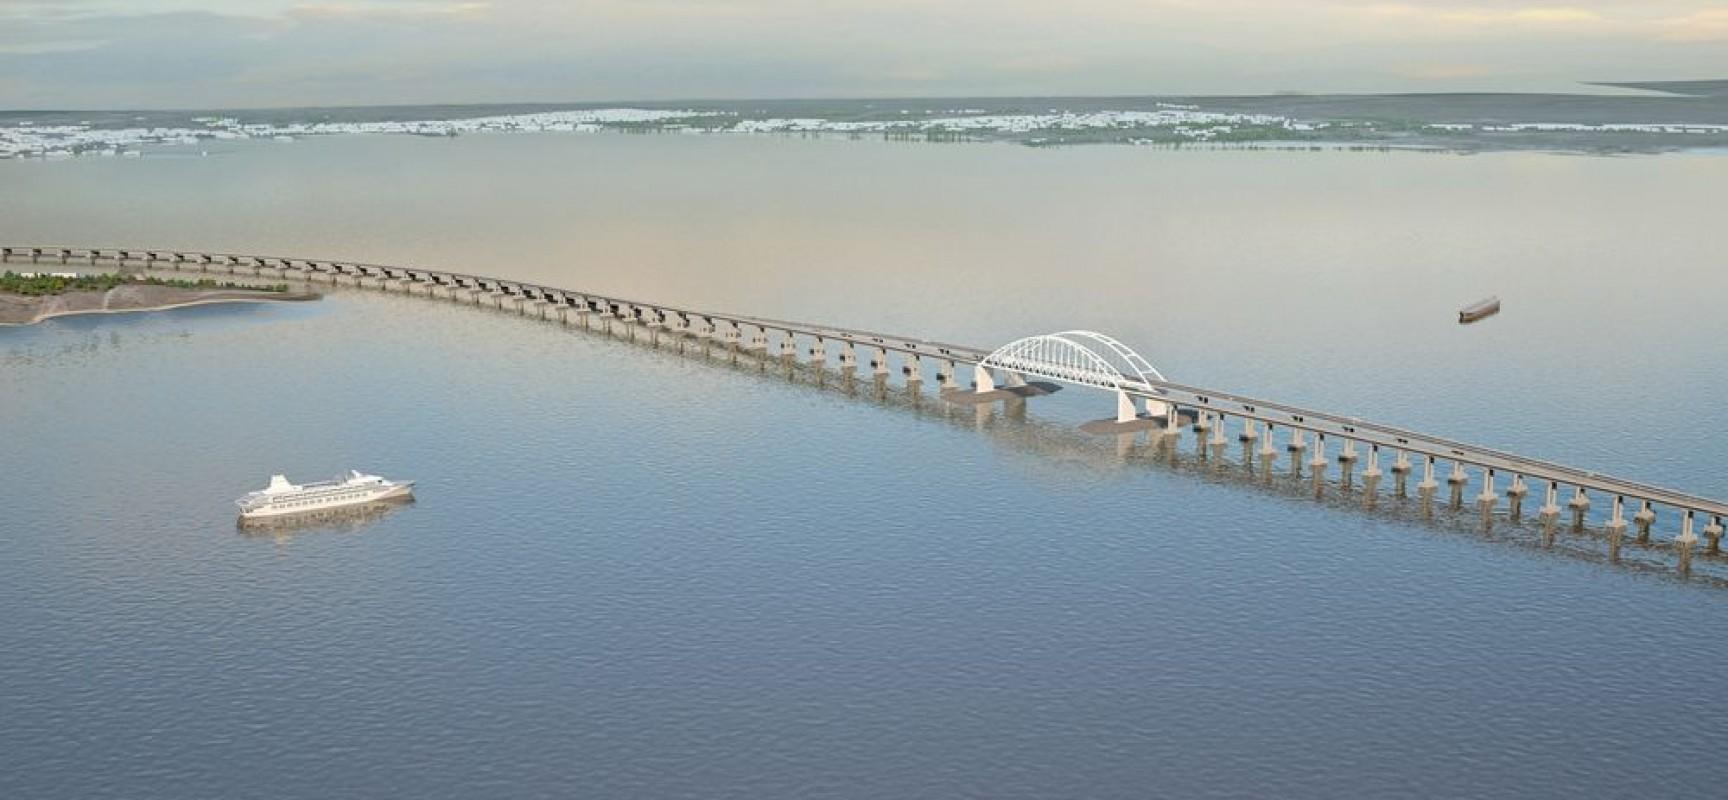 Росавтодор получил одобрение экологической экспертизы мер по охране окружающей среды при создании Керченского моста